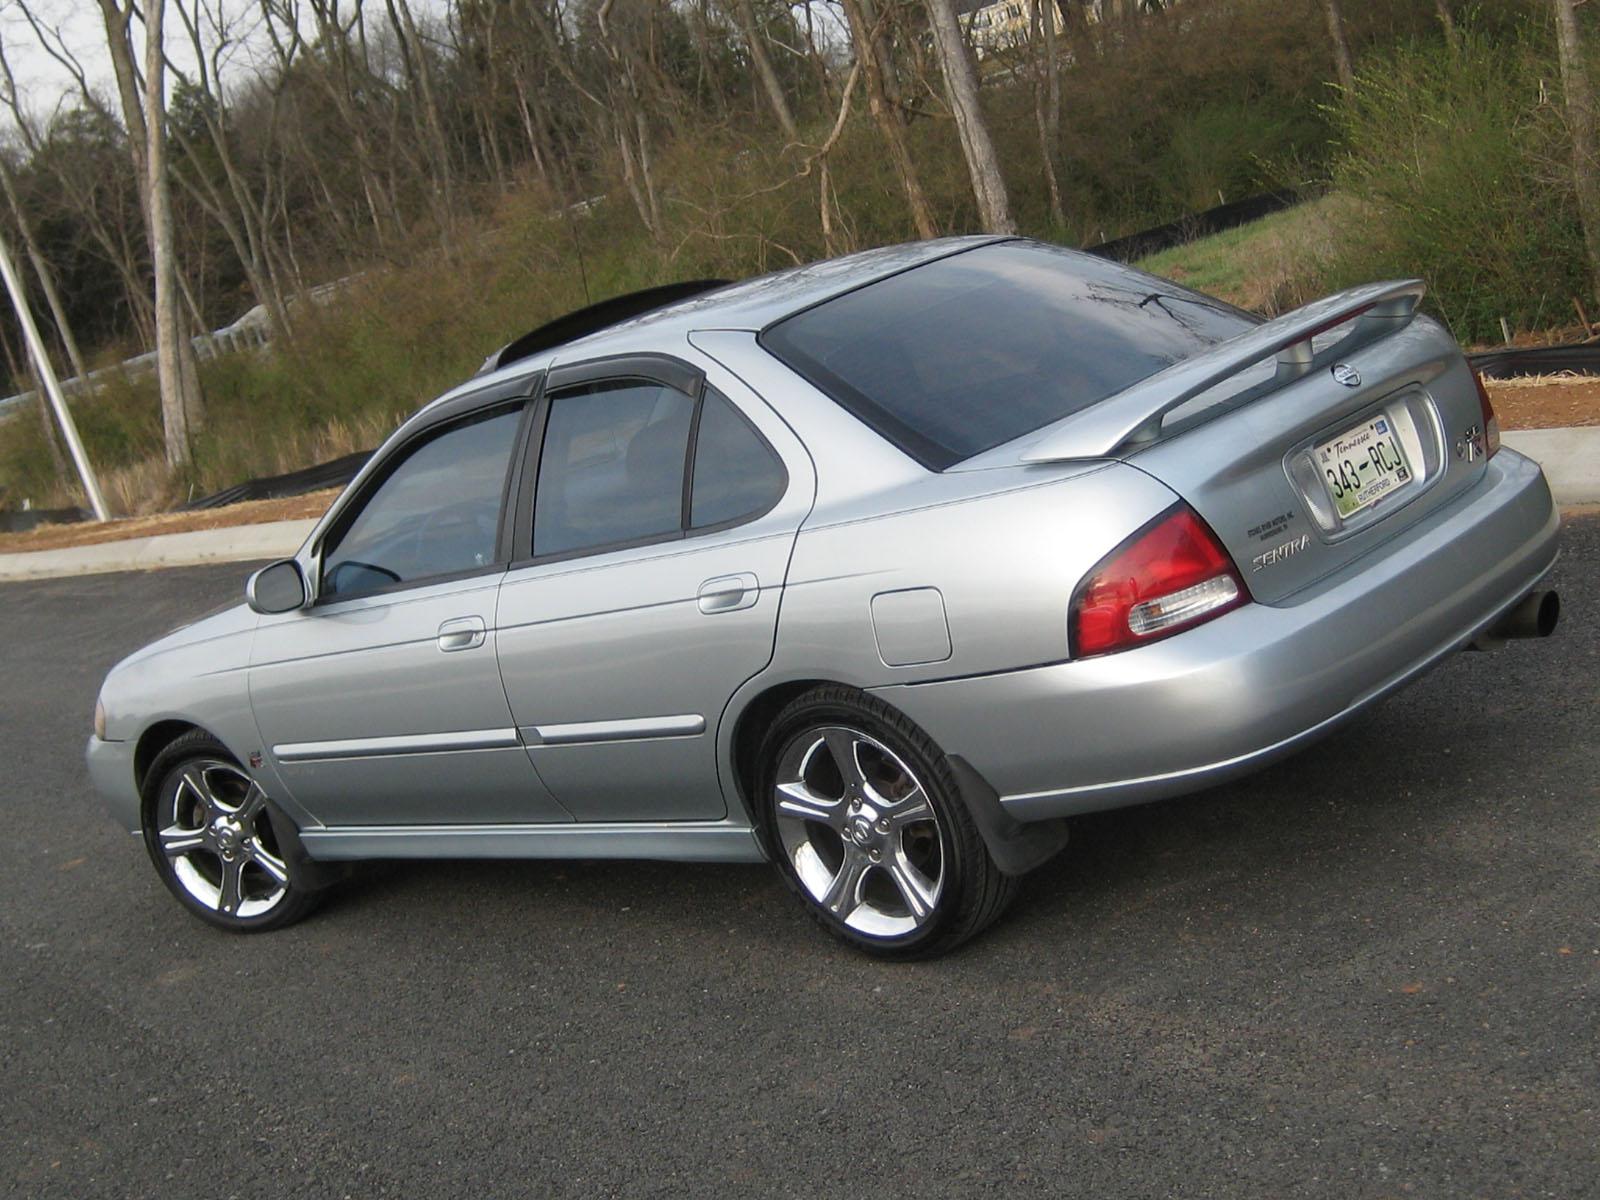 2002 Nissan Sentra Spec V For Sale | Arlington Tennessee